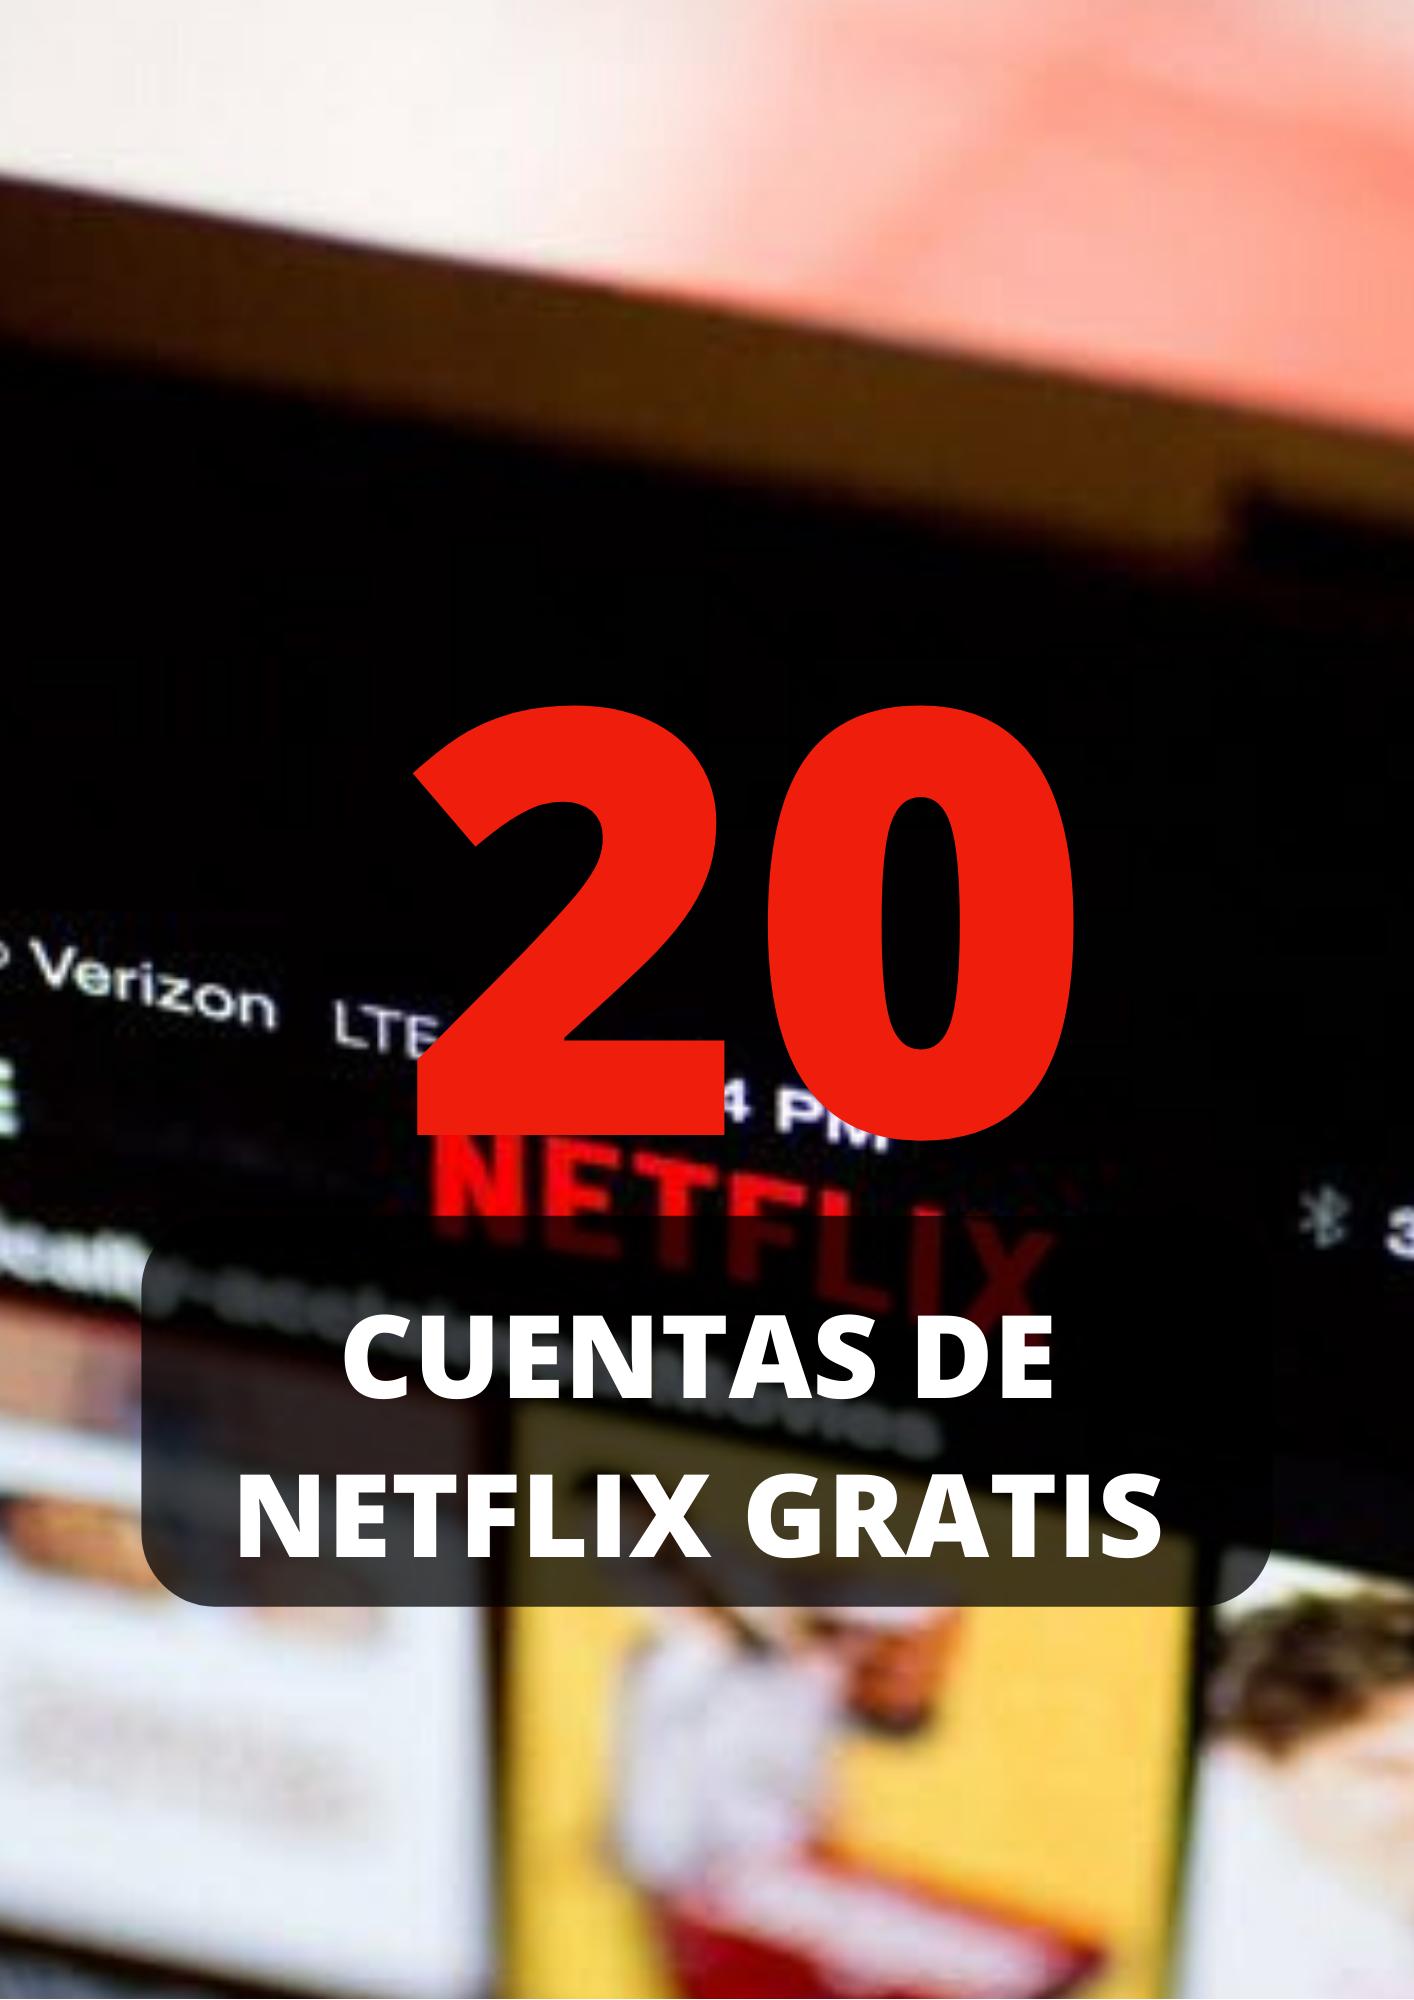 Cuentas De Netflix Premium Gratis Con Usuario Y Contraseña Enero 2020 Funciona Códigos De Netflix Netflix Trucos Netflix